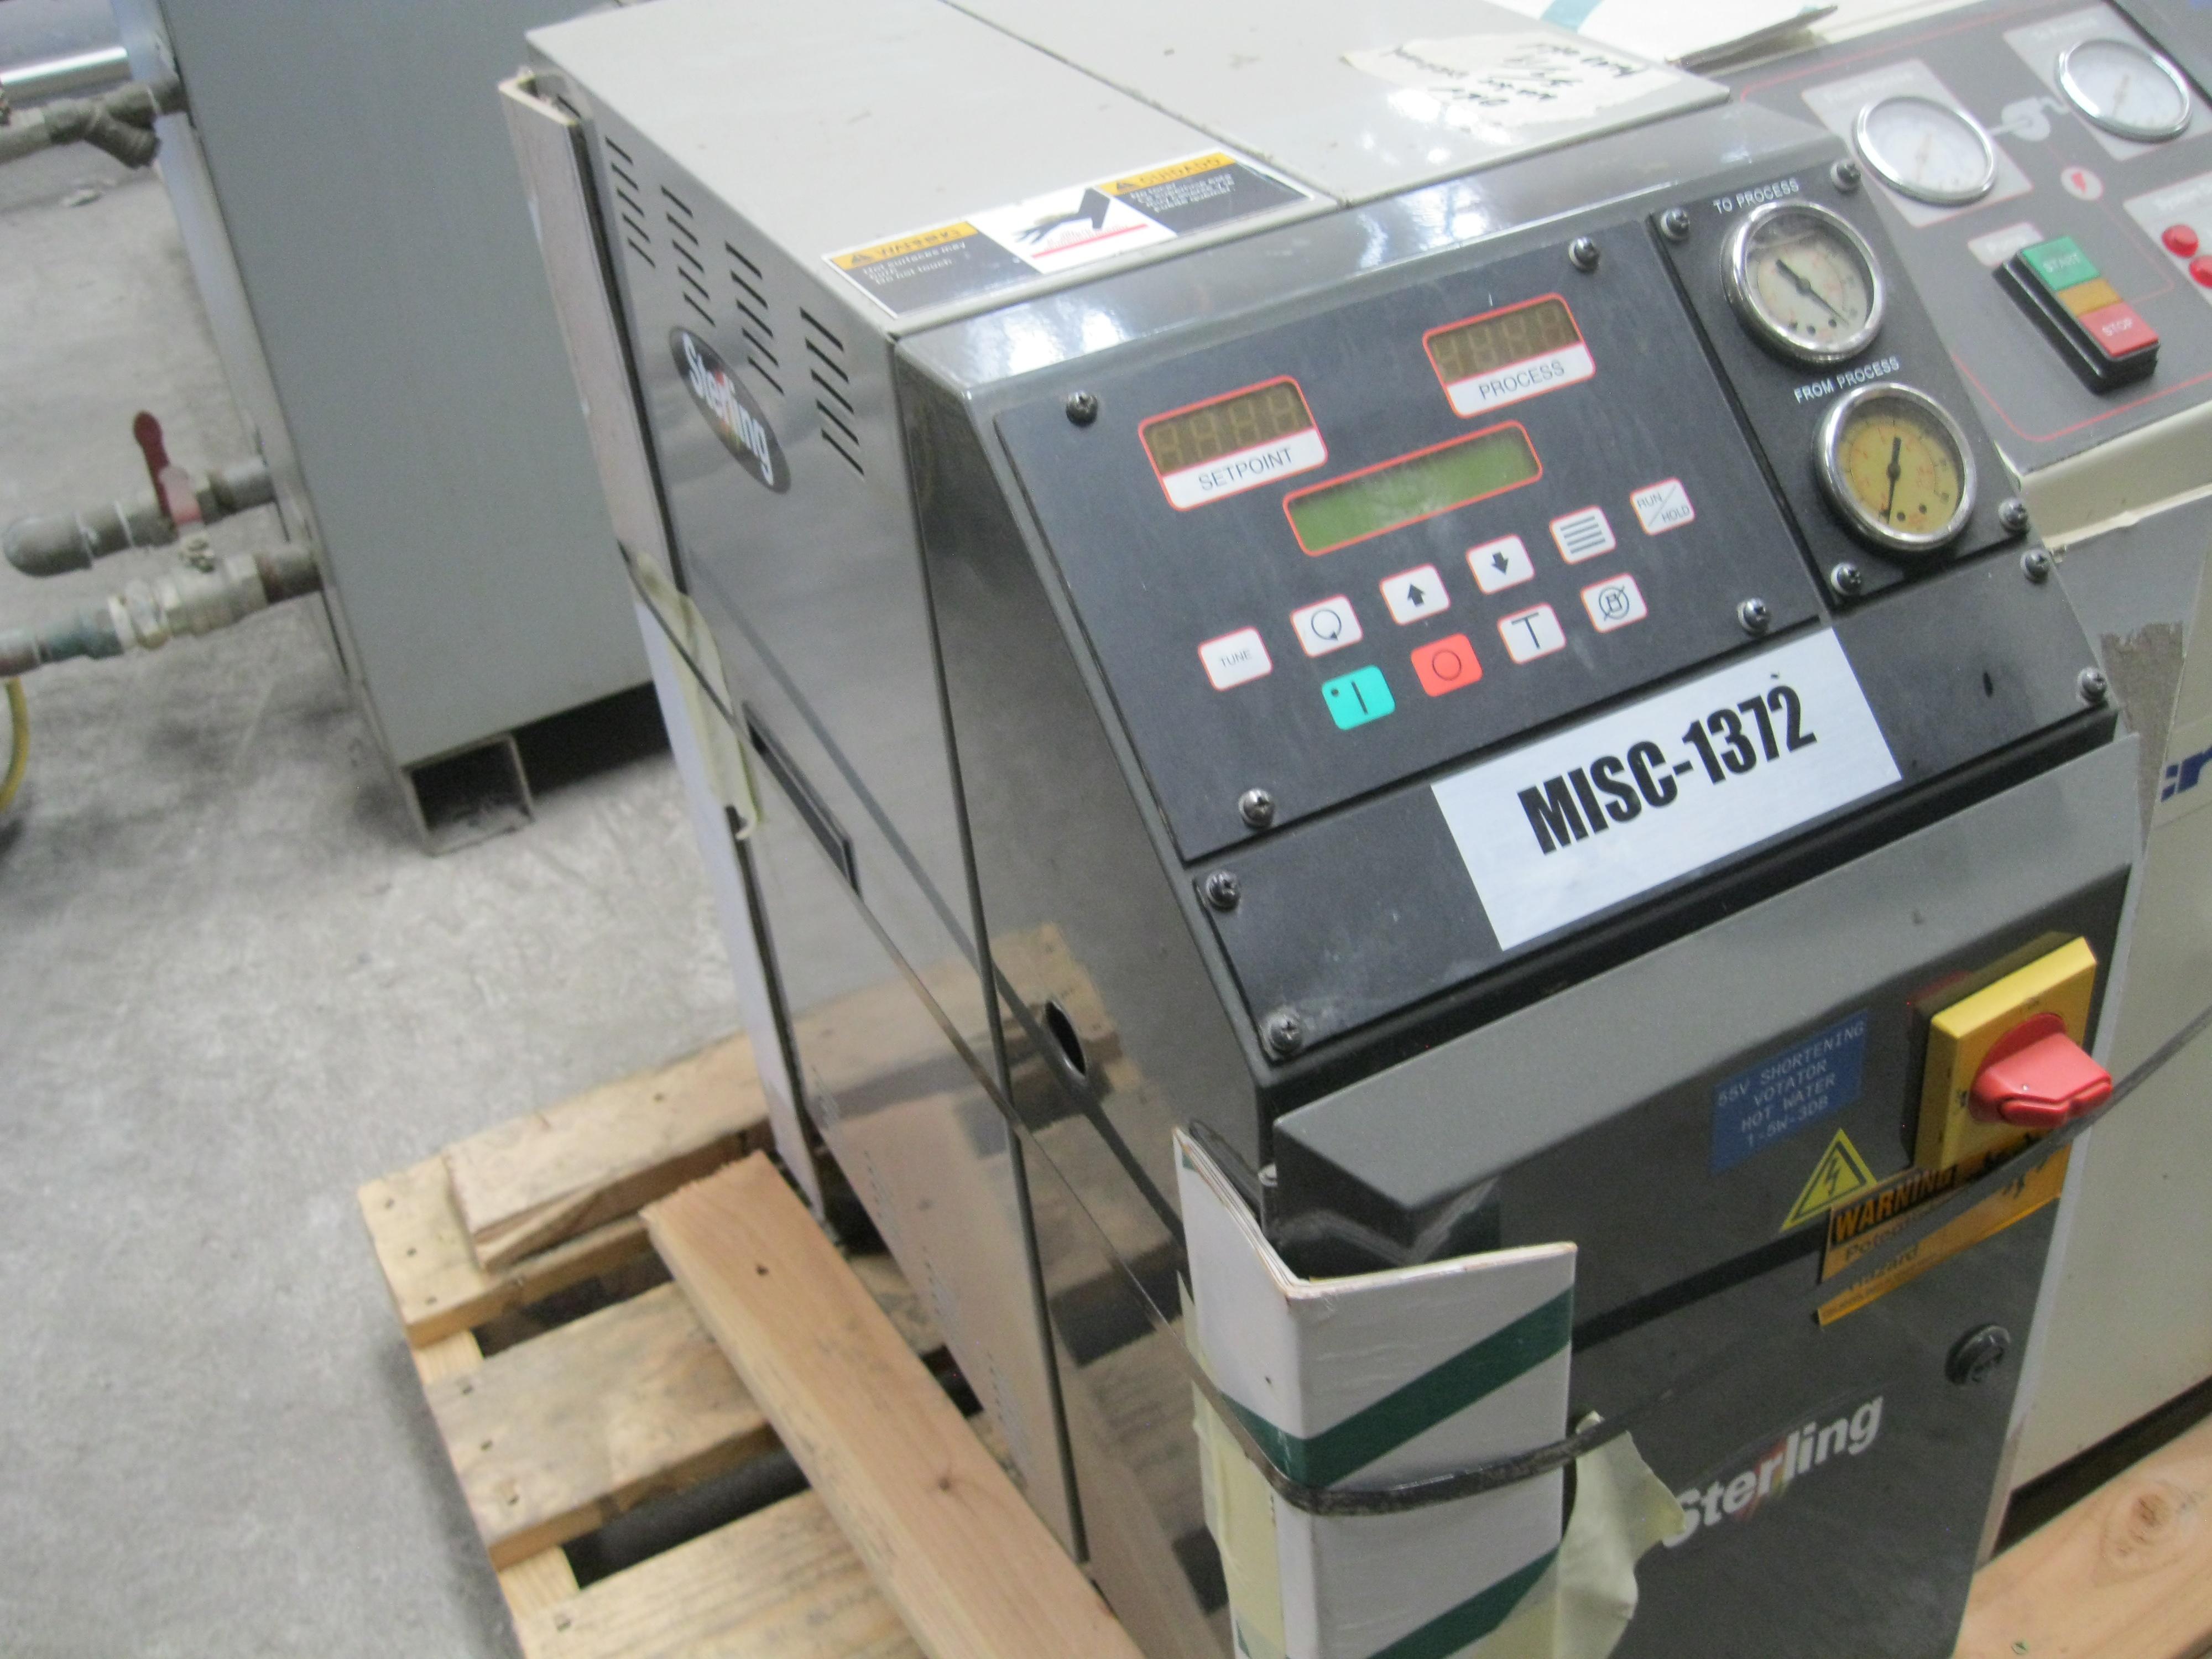 misc-1372.jpg